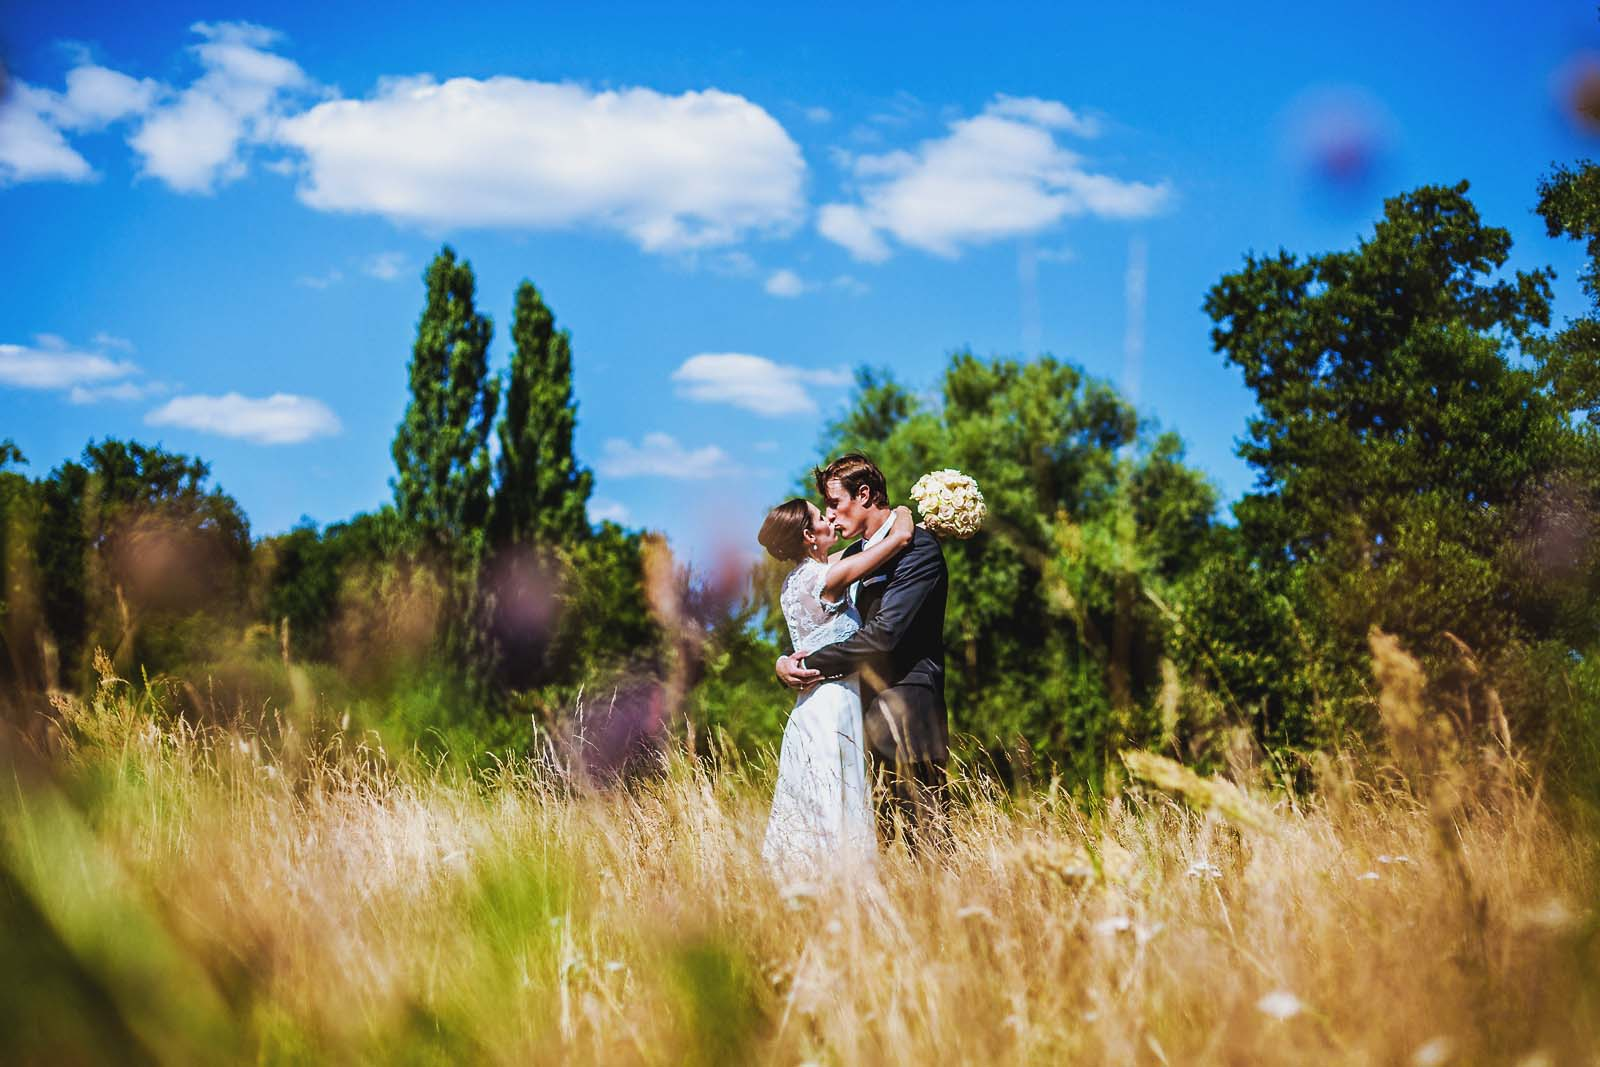 Hochzeitsfotograf fotografiert ein Brautpaar im Feld Copyright by Hochzeitsfotograf www.berliner-hochzeitsfotografie.de